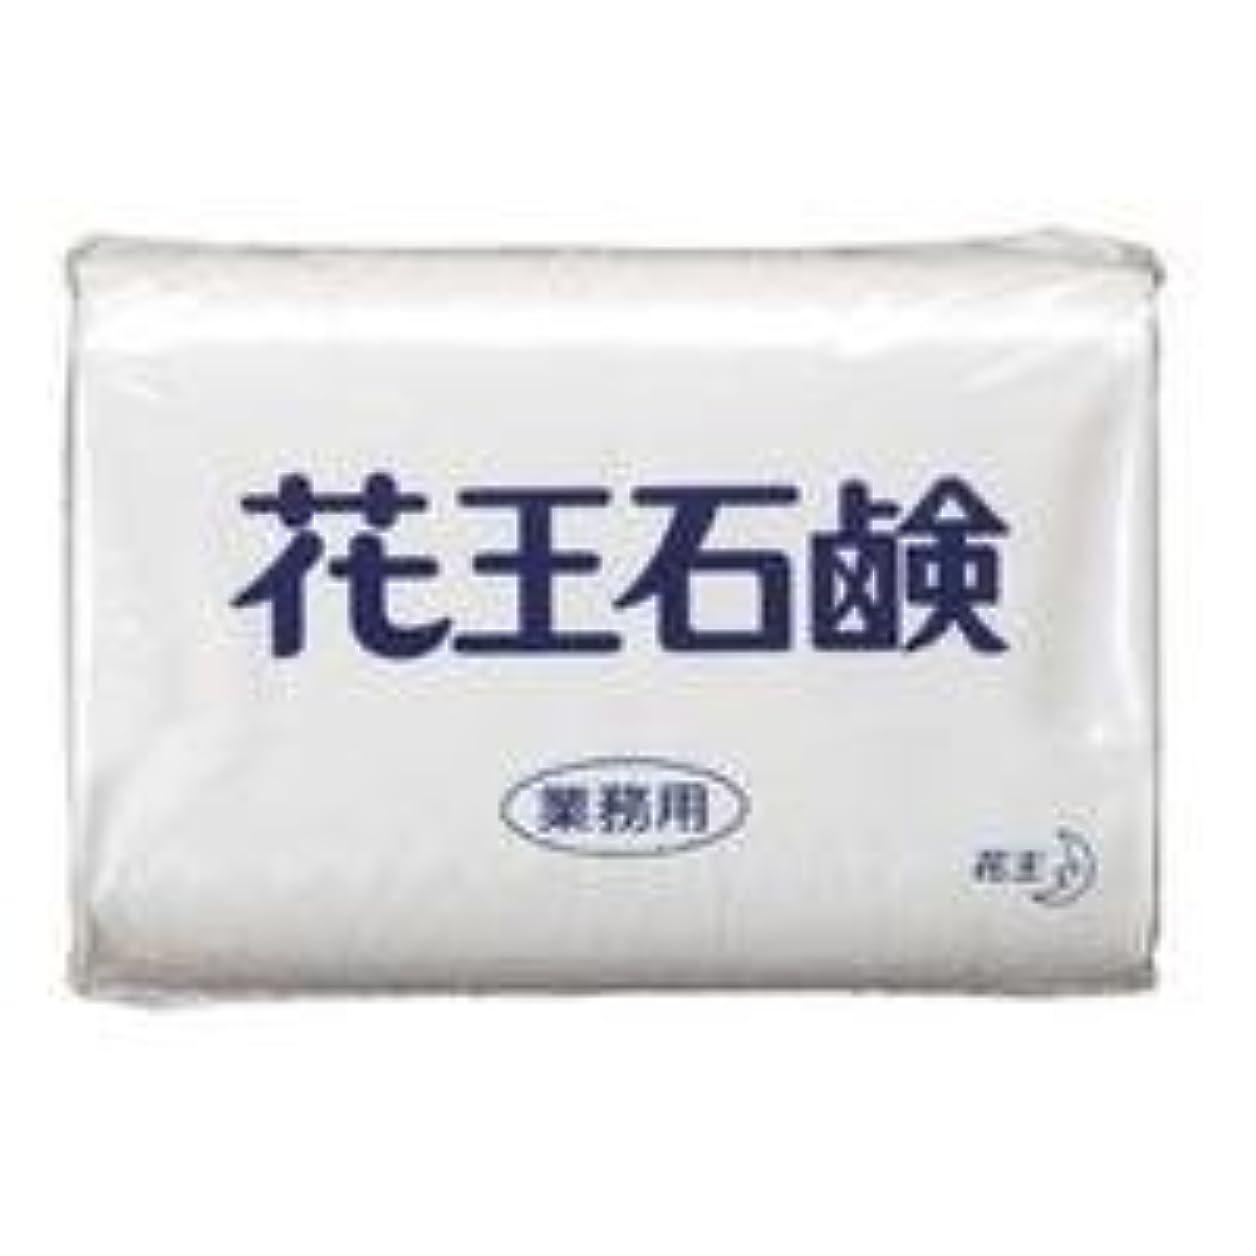 強度軽蔑する小数業務用石鹸 85g 3個×40パック(120個入り)